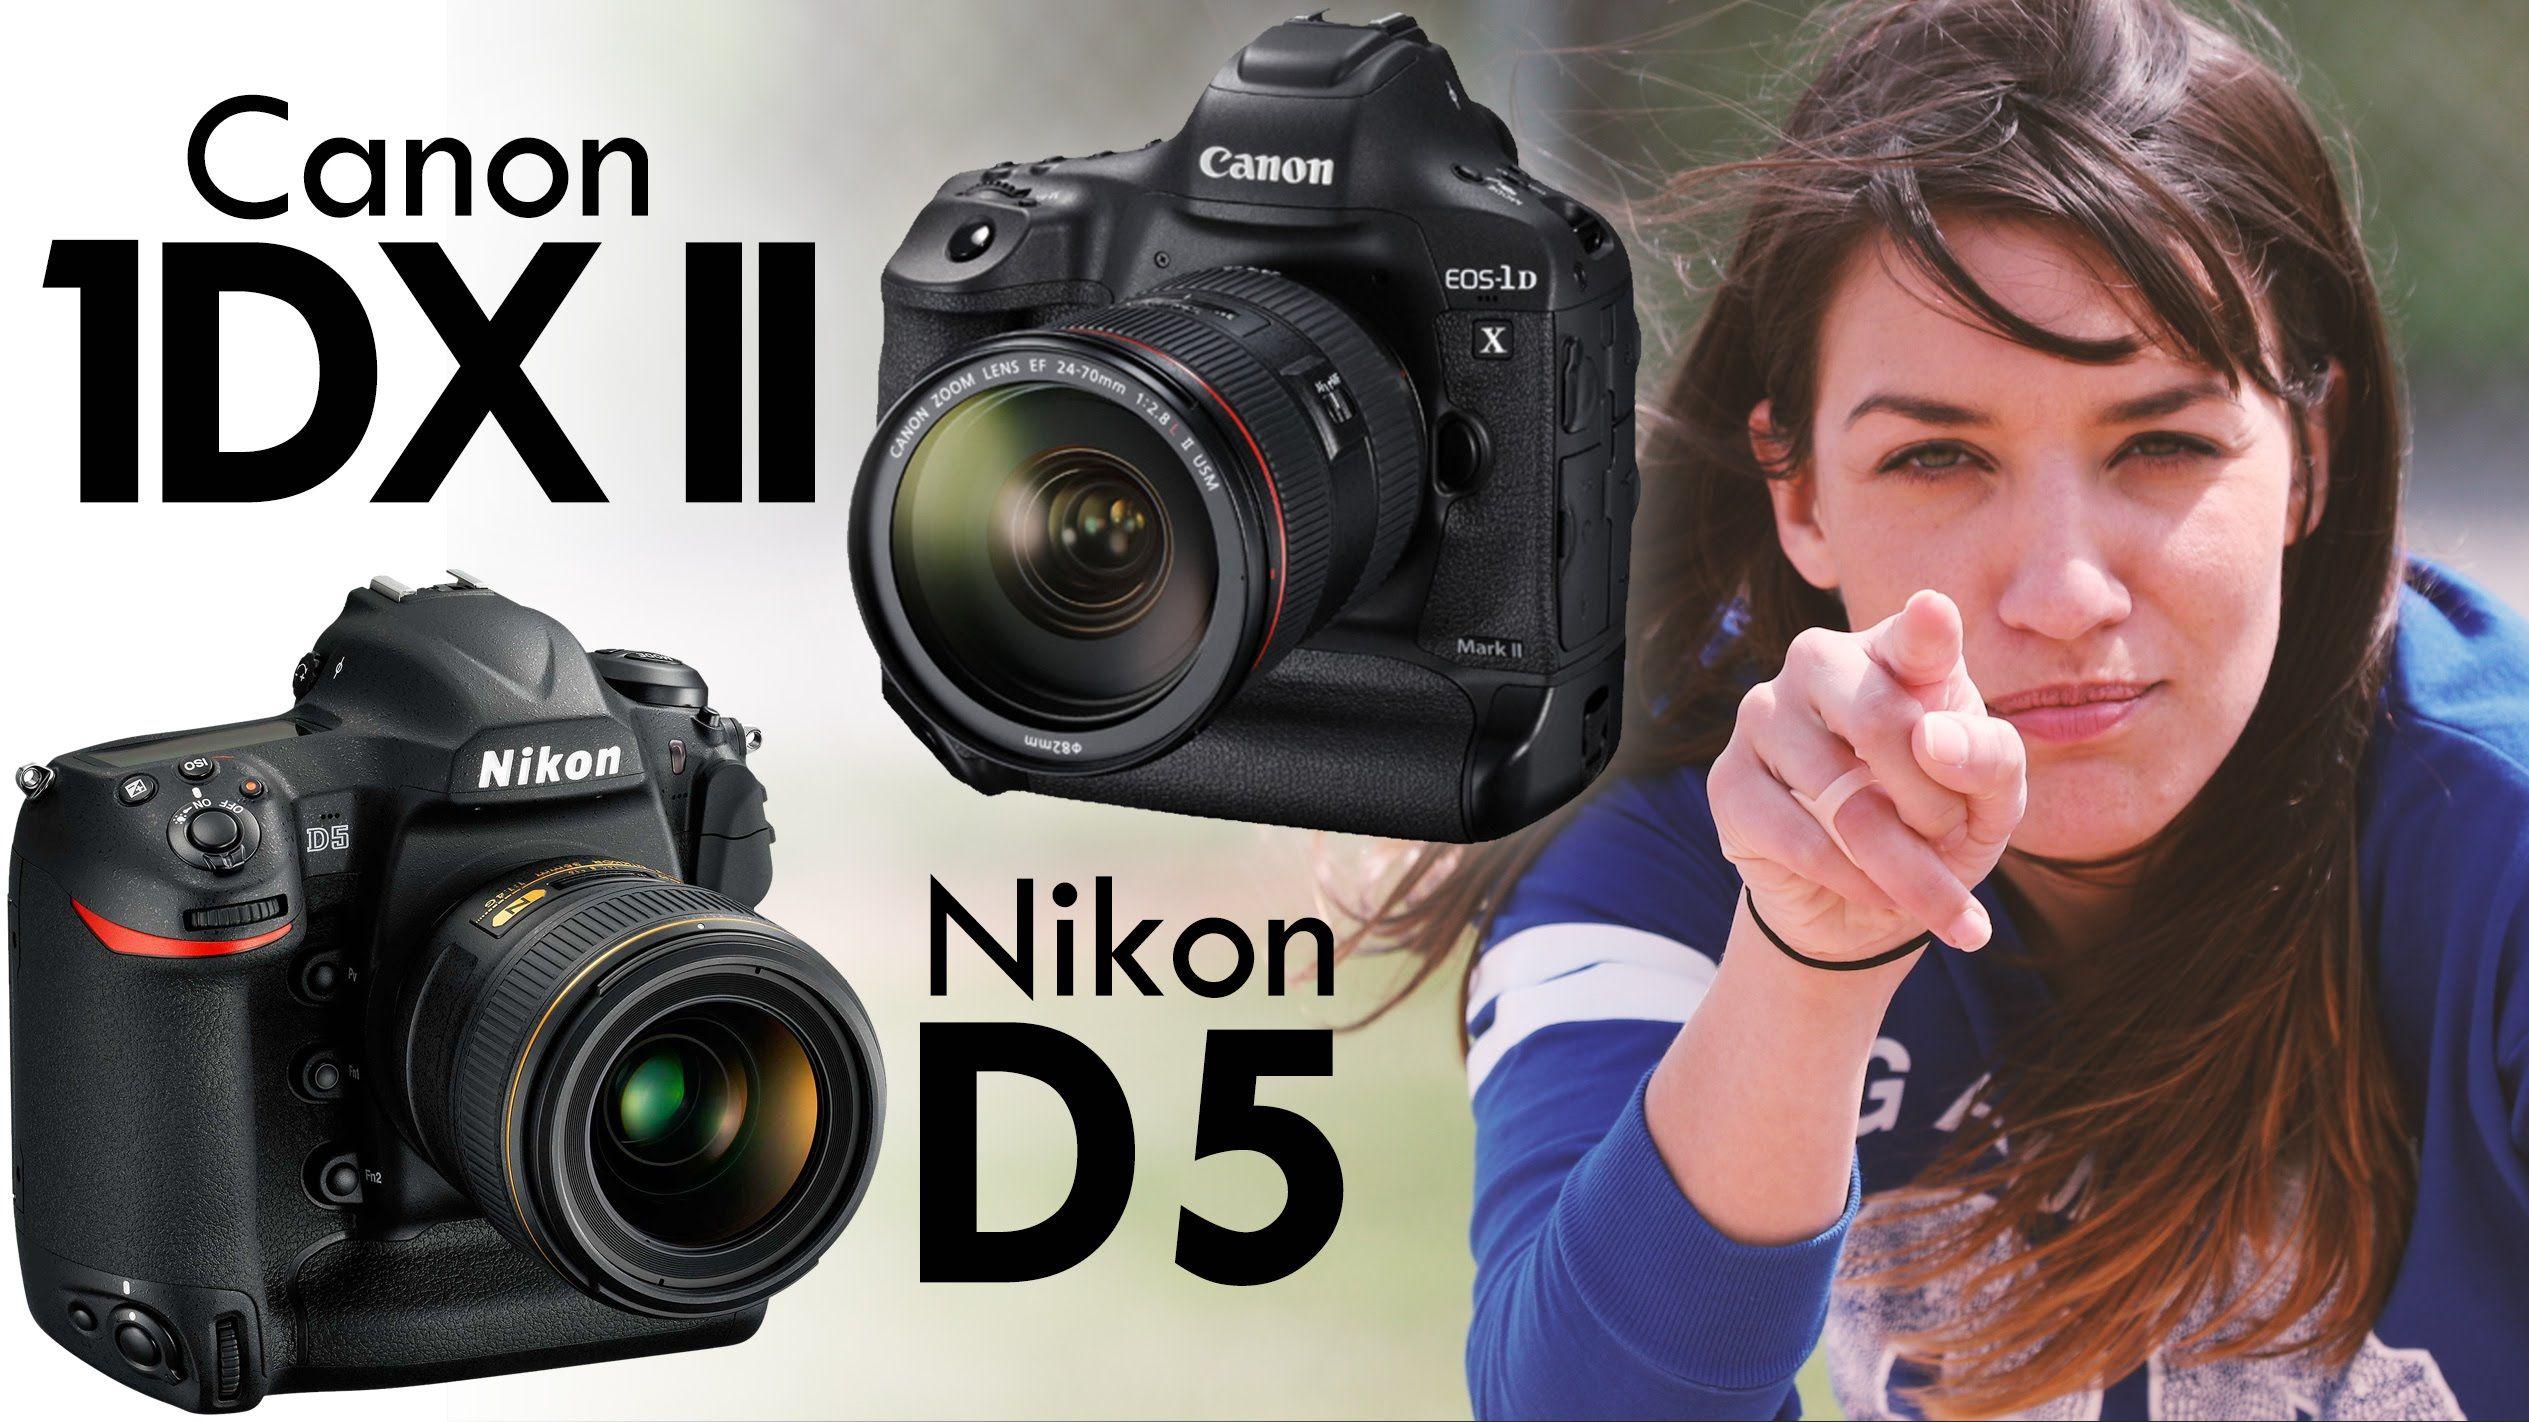 Canon 1dx Mk Ii Vs Nikon D5 6k Sports Wildlife Cameras Sports Photography Nikon Photography And Videography